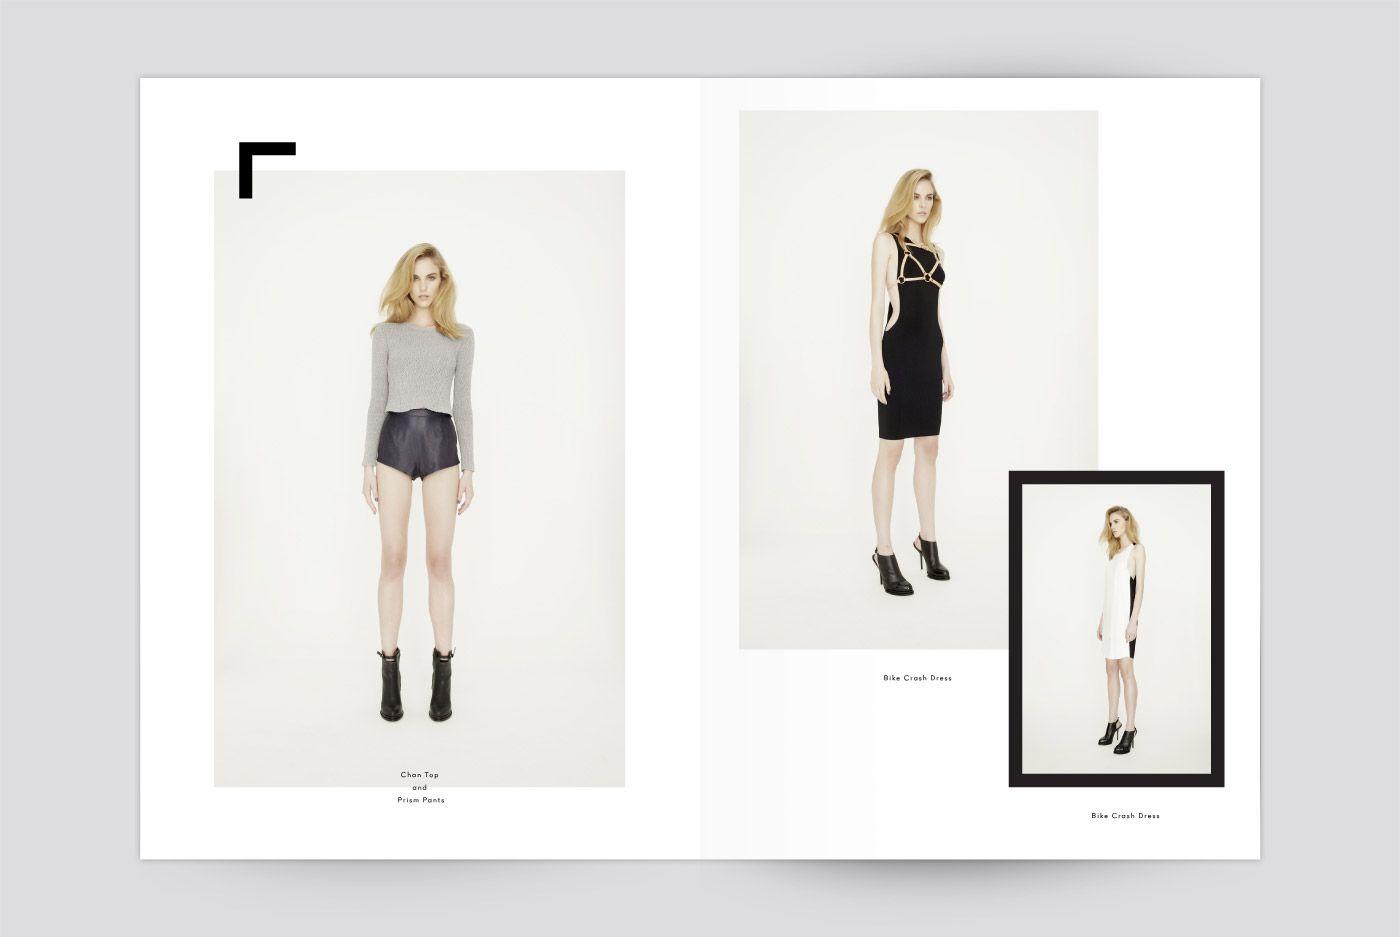 Friend of Mine - Lookbook, Design - The Drop | DISEÑO ...